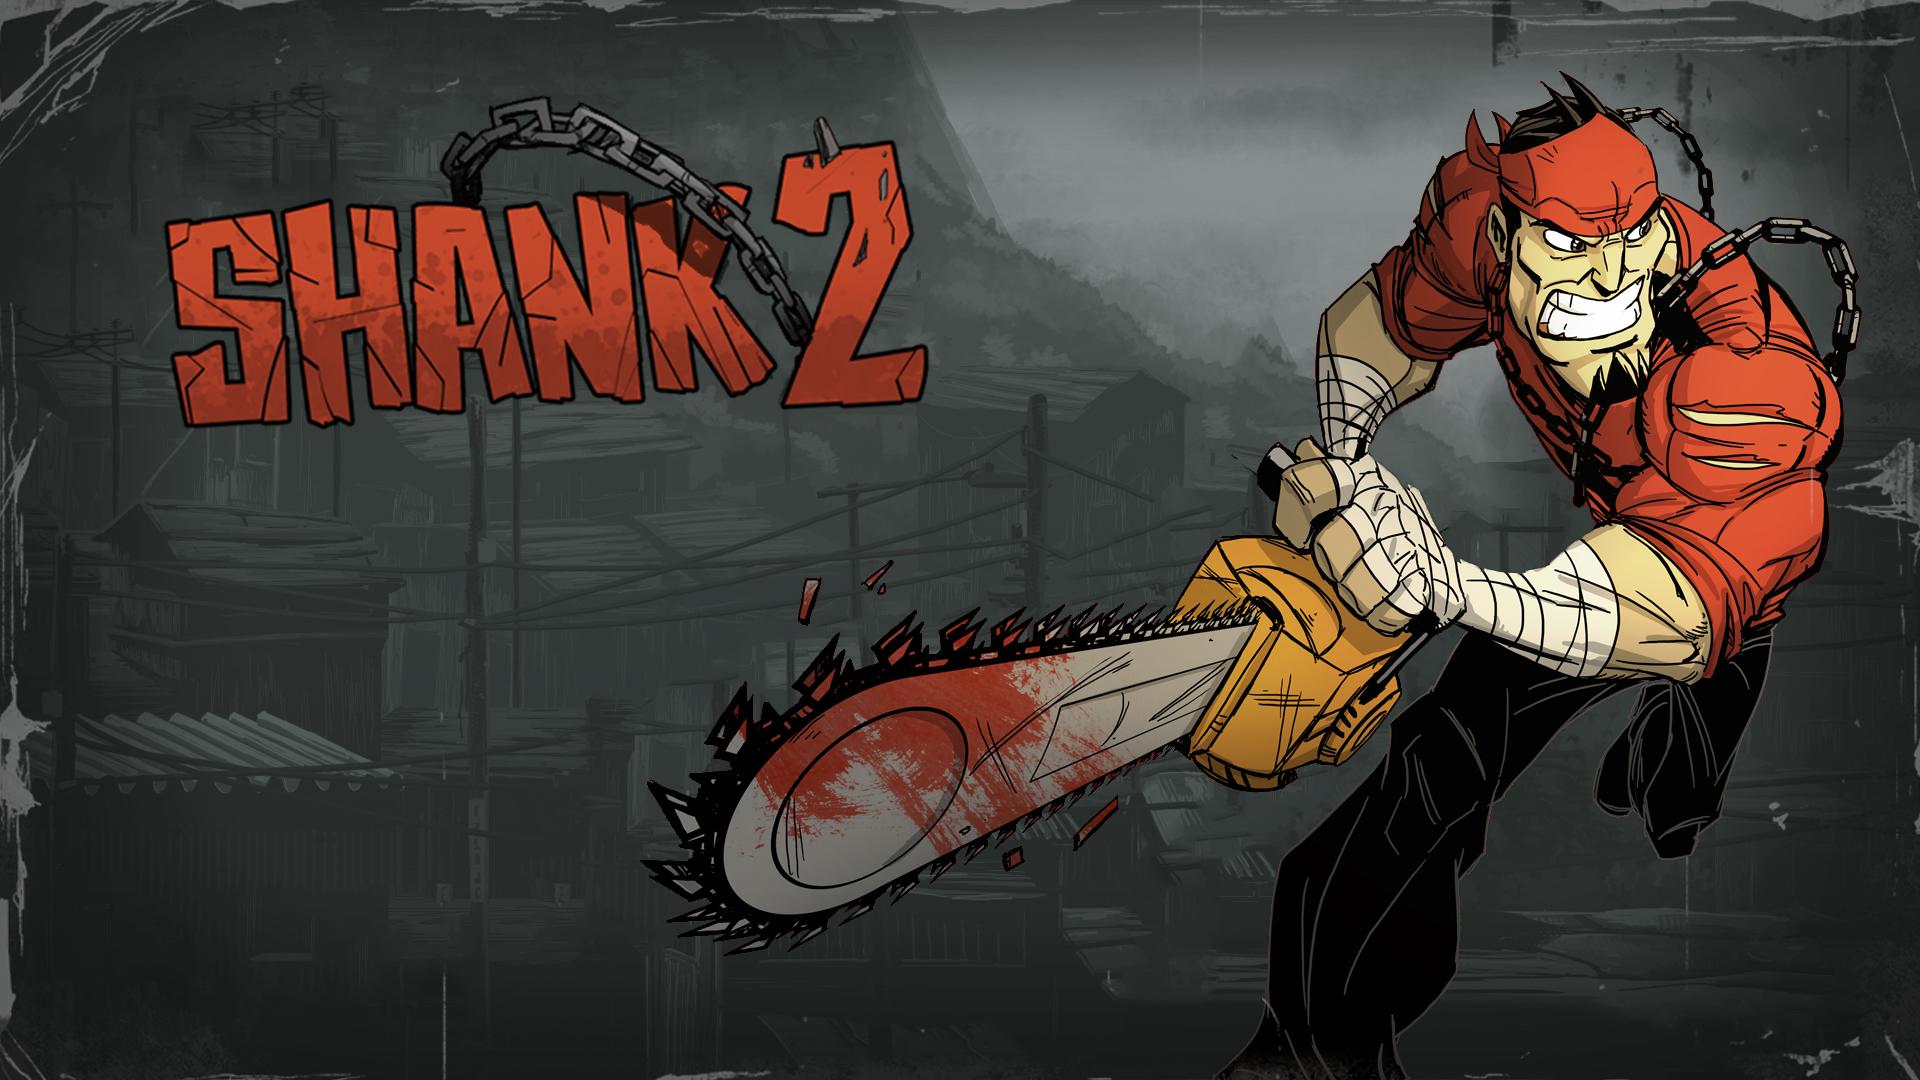 دانلود بازی Shank 2 برای کامپیوتر